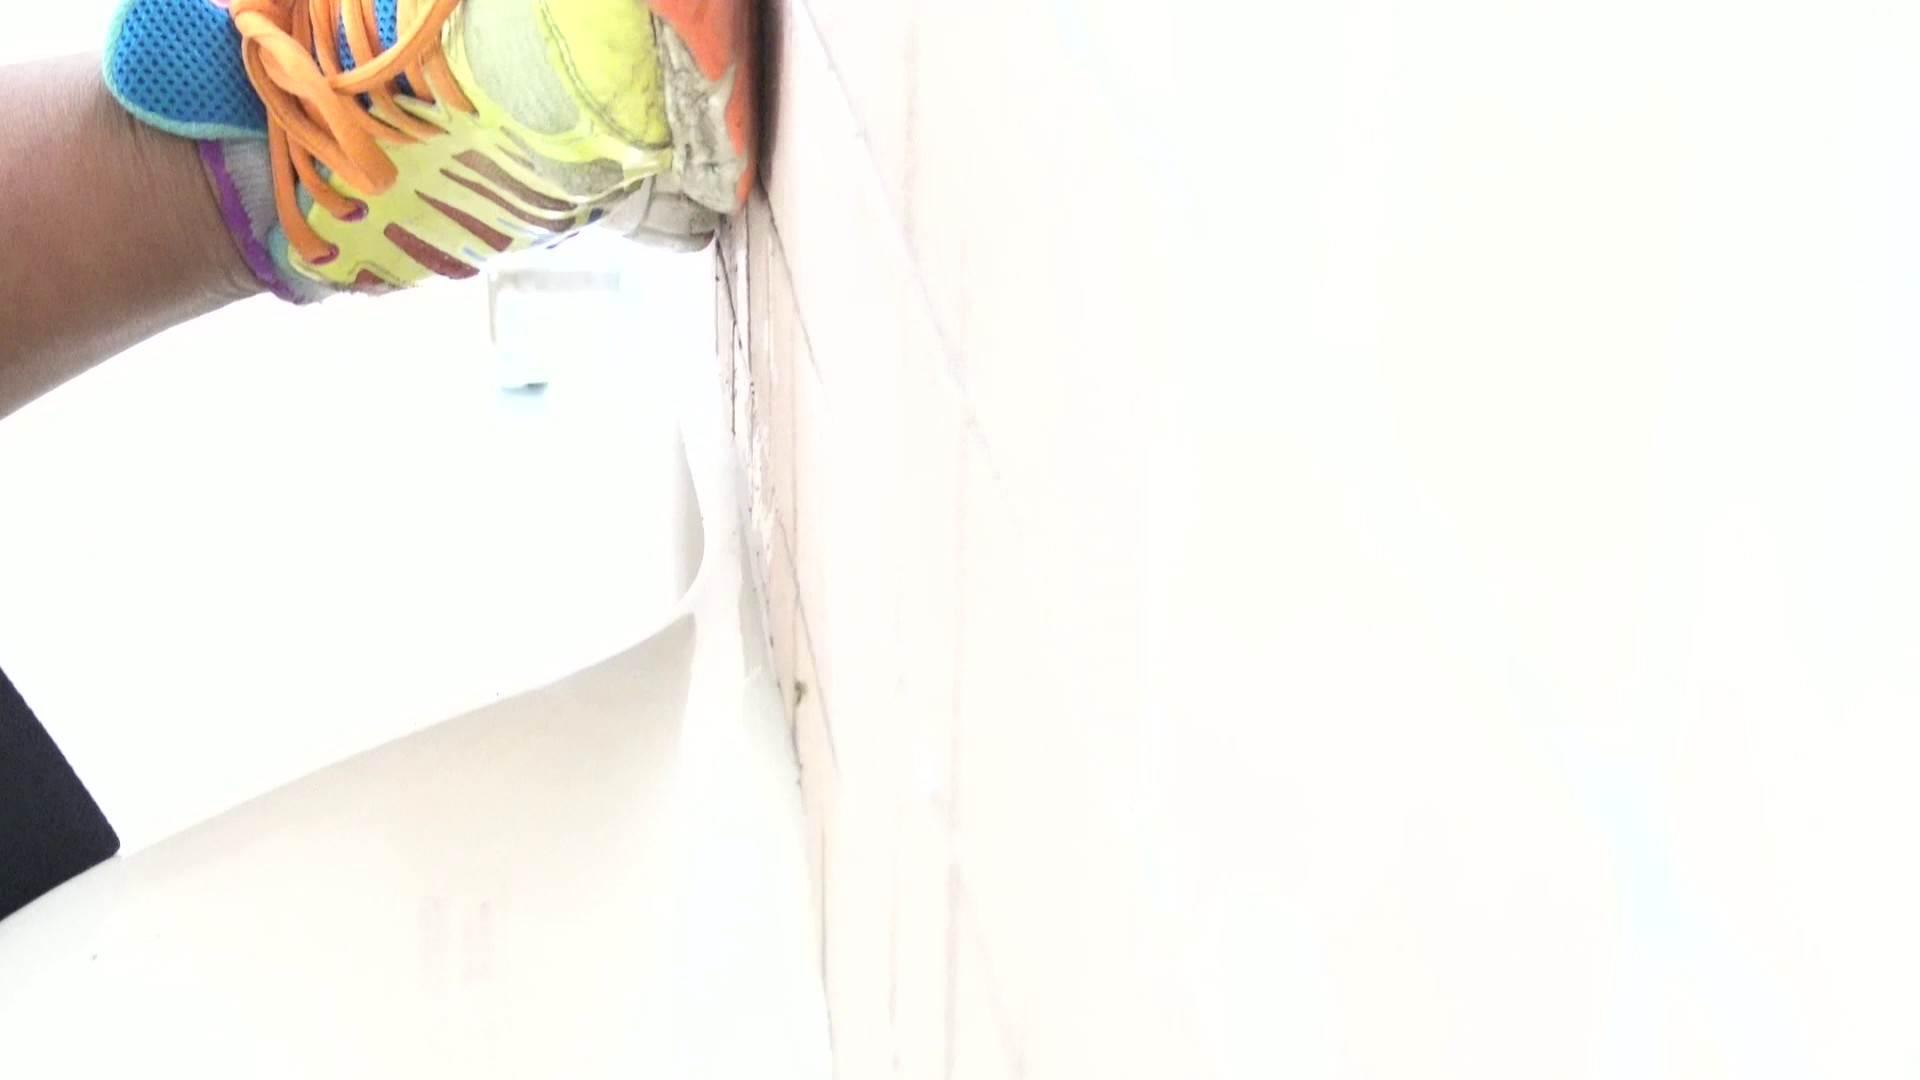 ▲期間限定D▲至高洗面所盗撮 23 至高下方撮りちょいと2カメ!! 高画質 ぱこり動画紹介 81枚 53